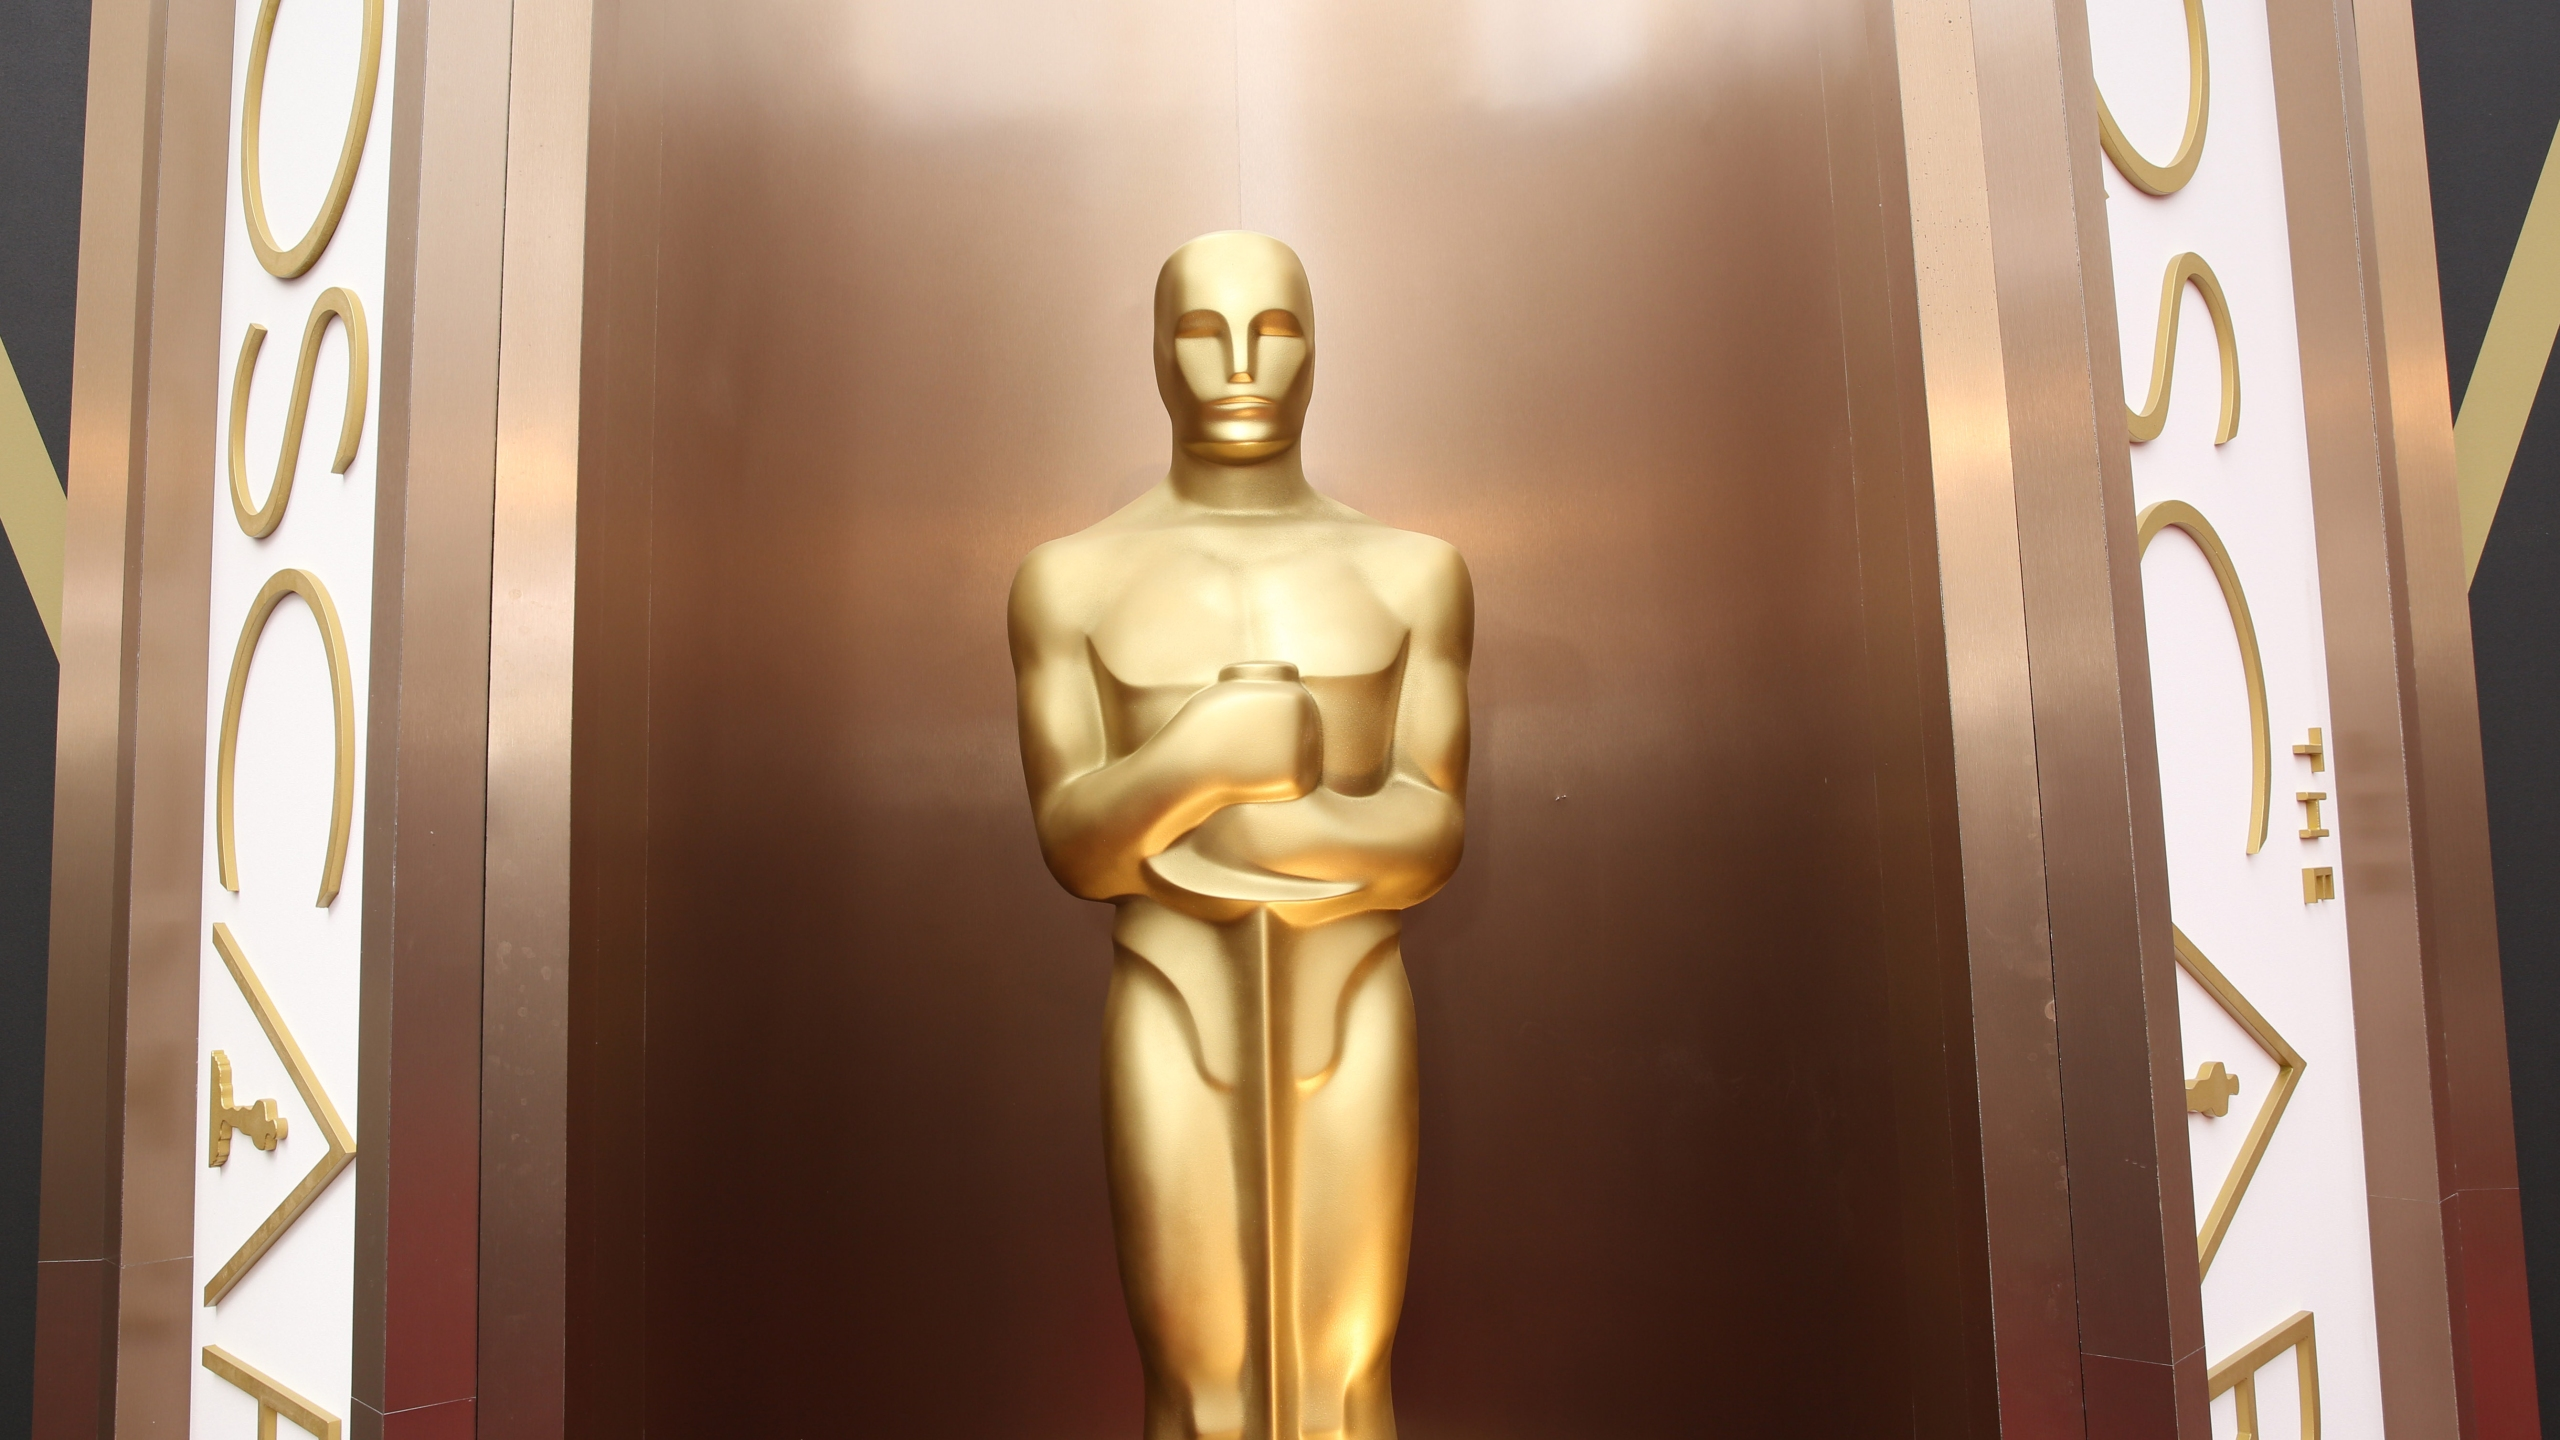 Oscar statue_376113